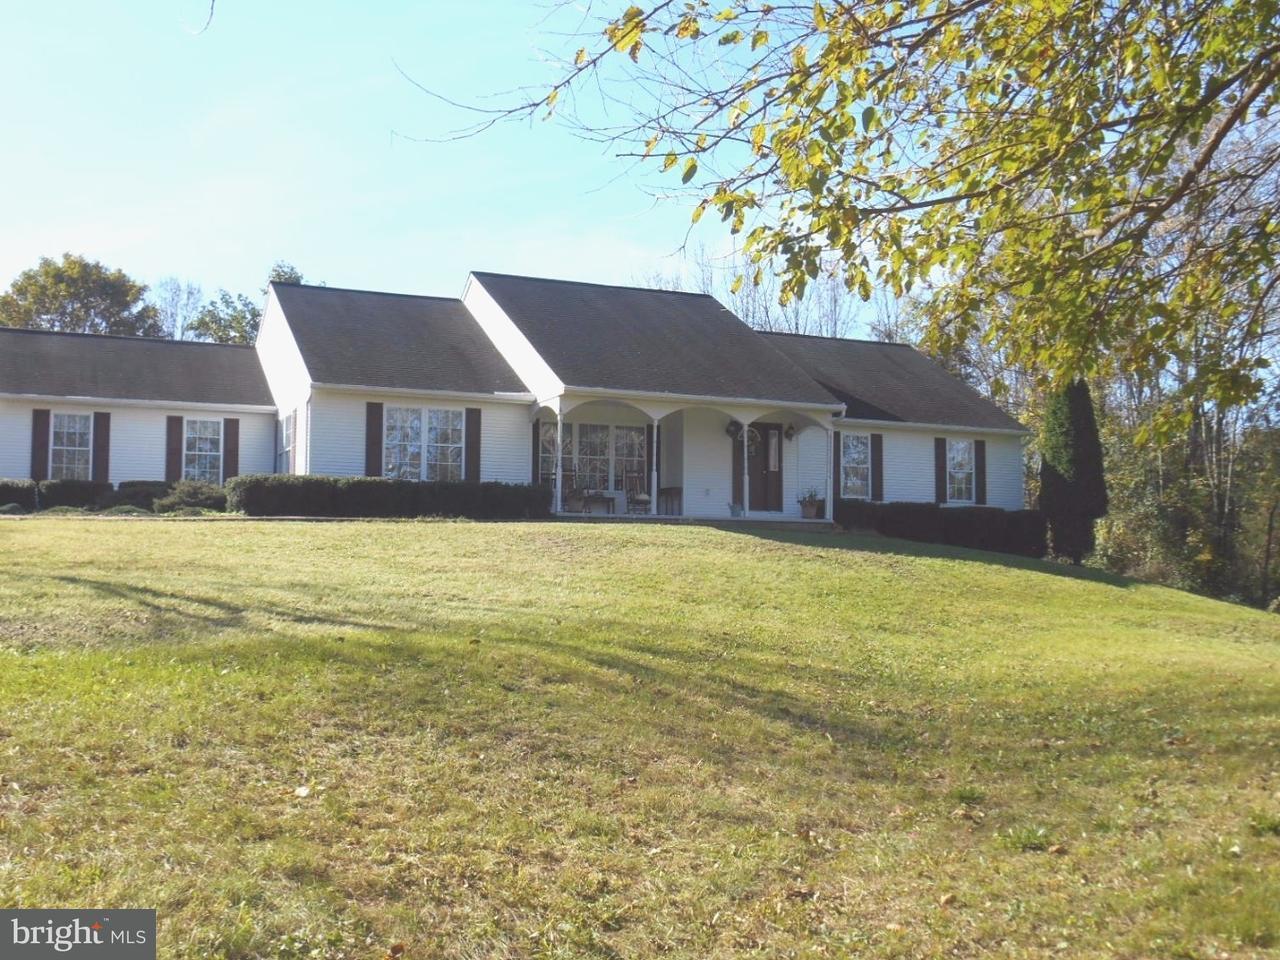 Частный односемейный дом для того Продажа на 3006 CONGO Road East Greenville, Пенсильвания 18041 Соединенные Штаты